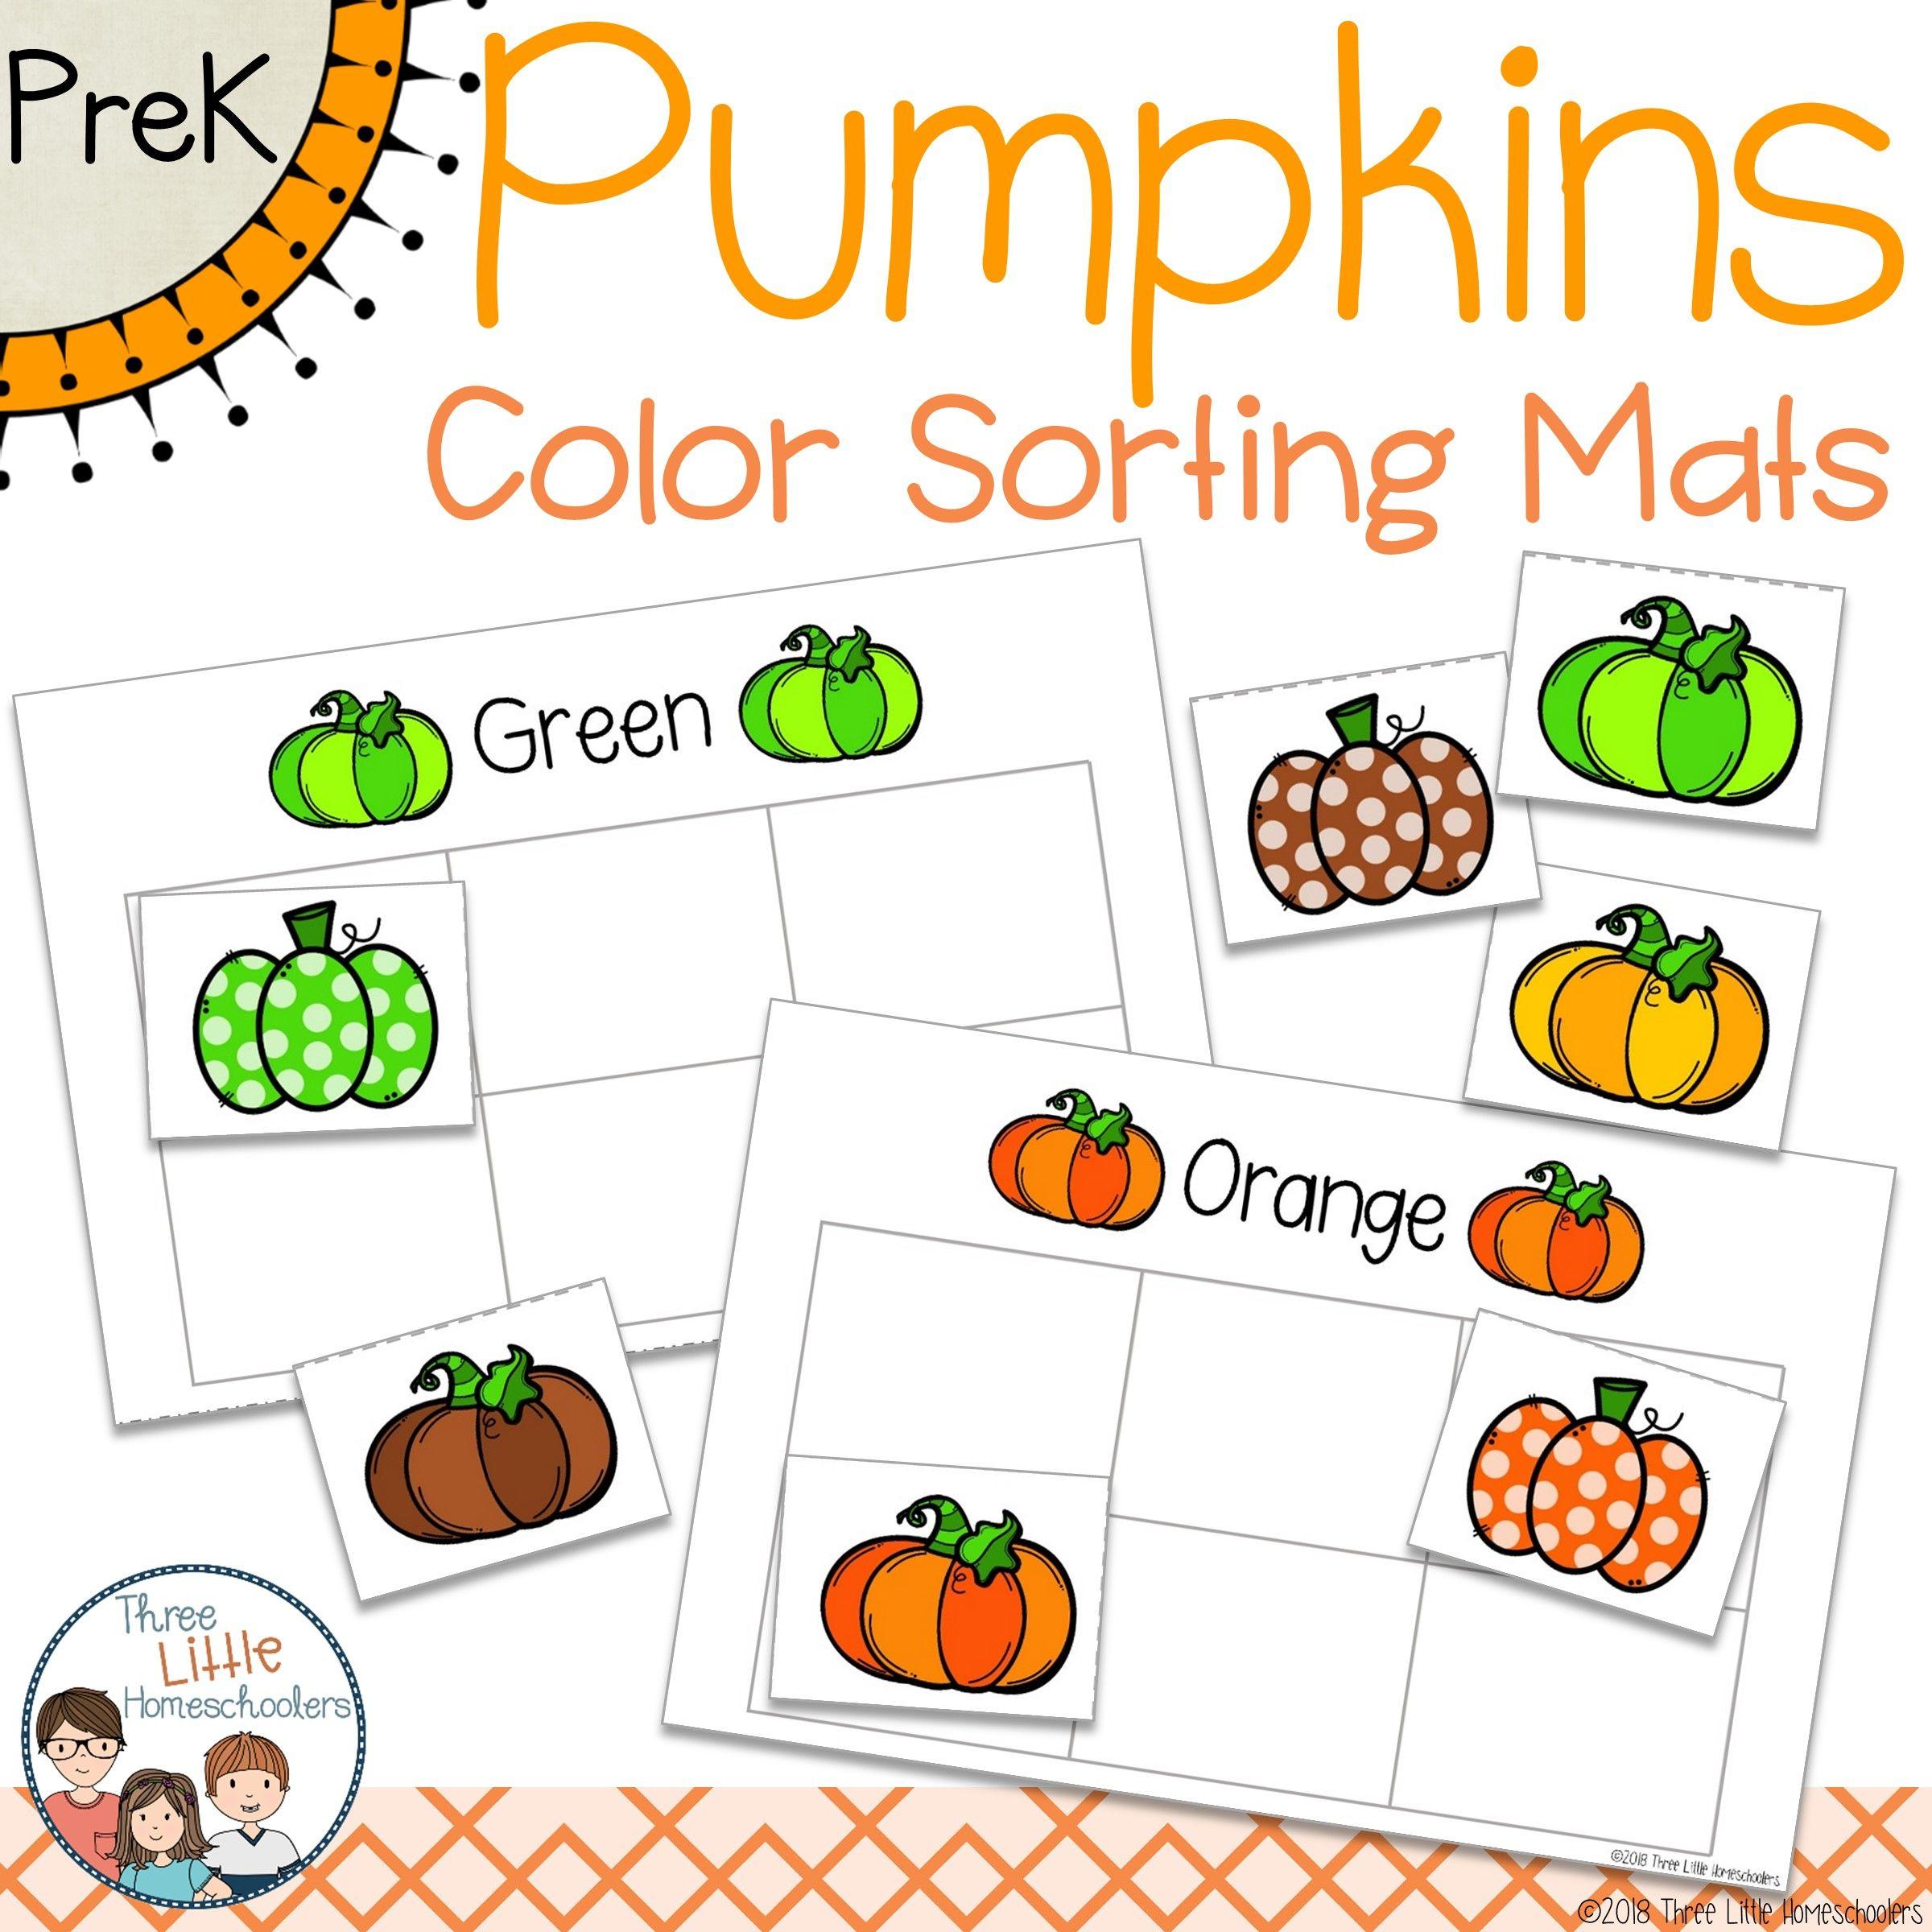 Pumpkins Color Sorting Mats And Worksheets Color Sorting Activities Pumpkin Colors Morning Work Preschool [ 2400 x 2400 Pixel ]